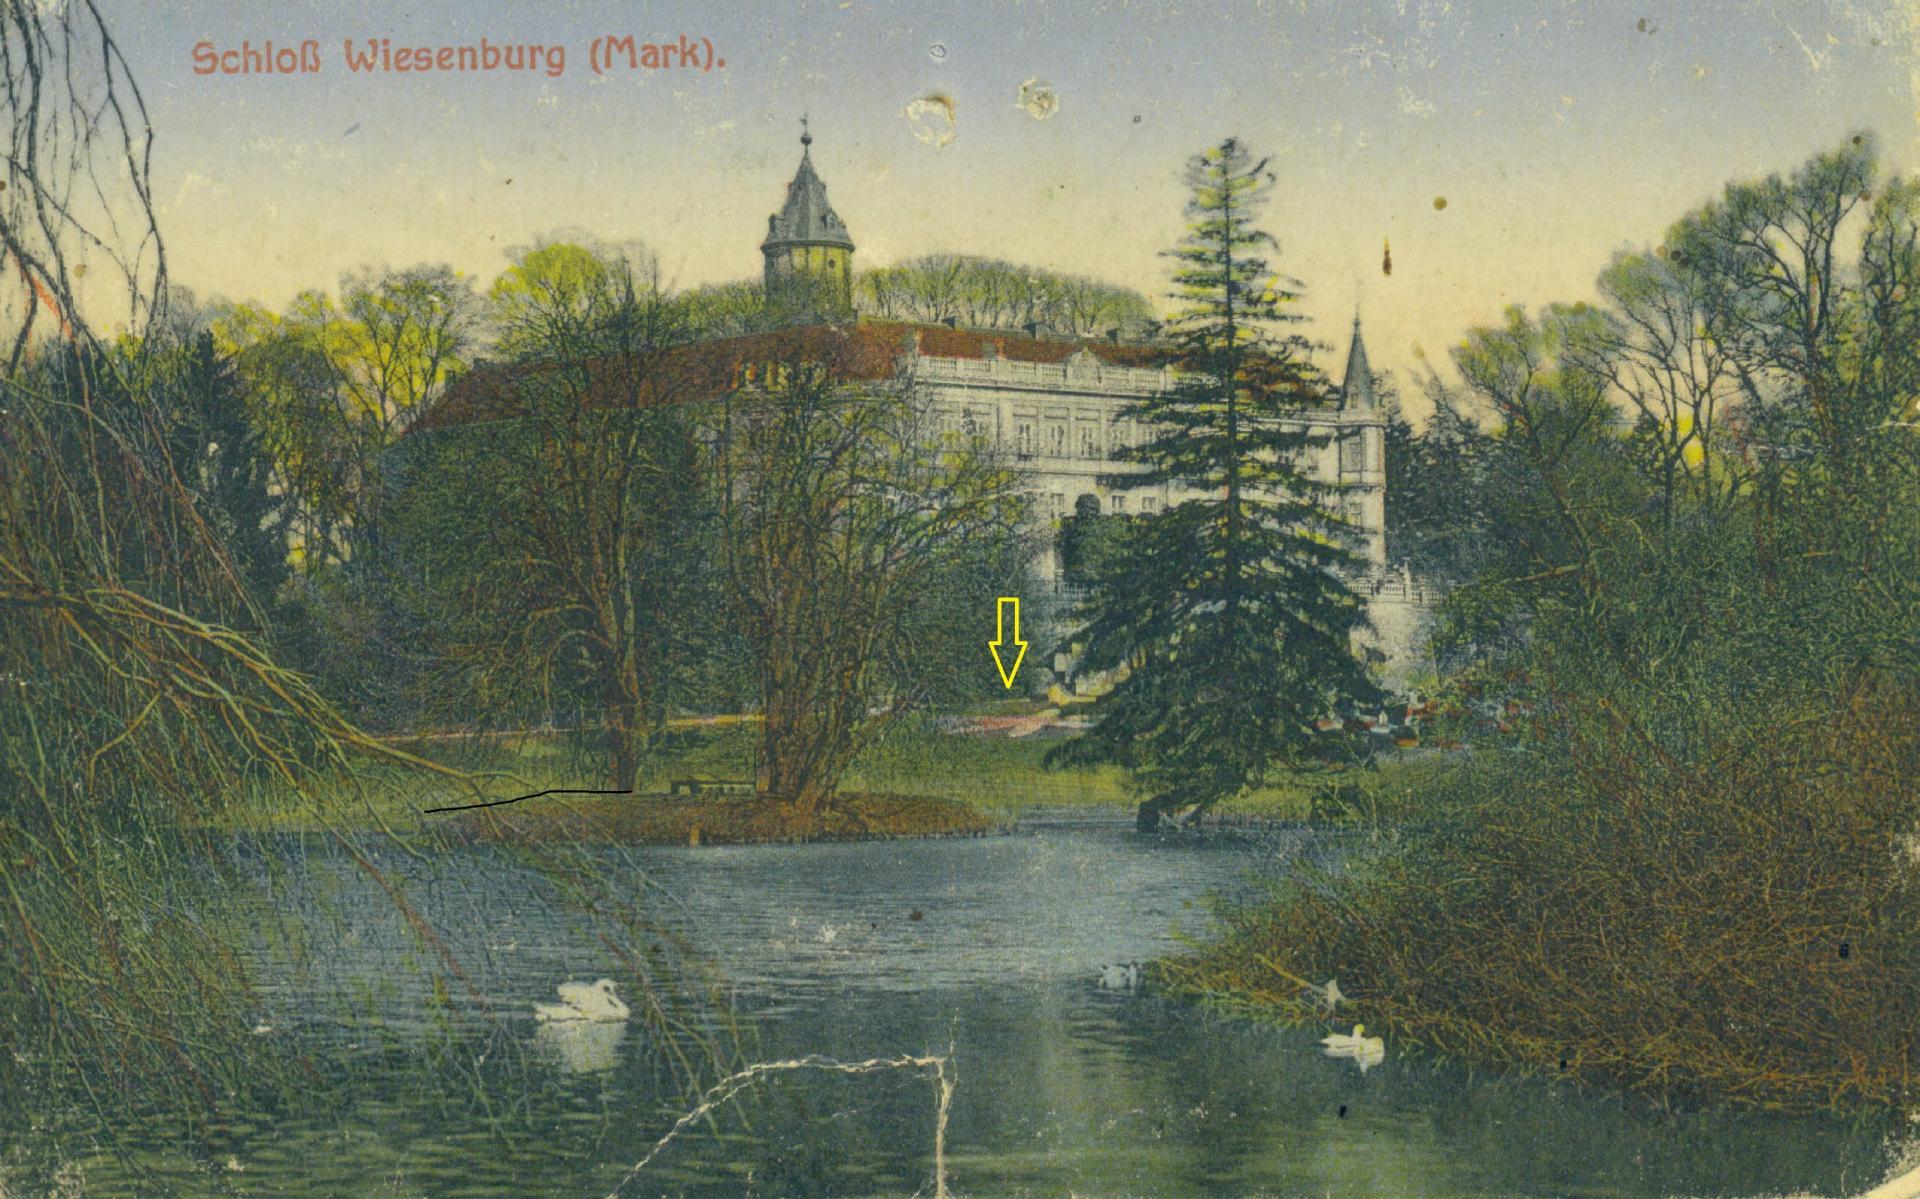 Unweit des Parterres hat sich Anfang des 20. Jahrhunderts ein sternförmiges Beet befunden. Die colorierte Ansichtskarte zeigt dieses überraschende Detail.